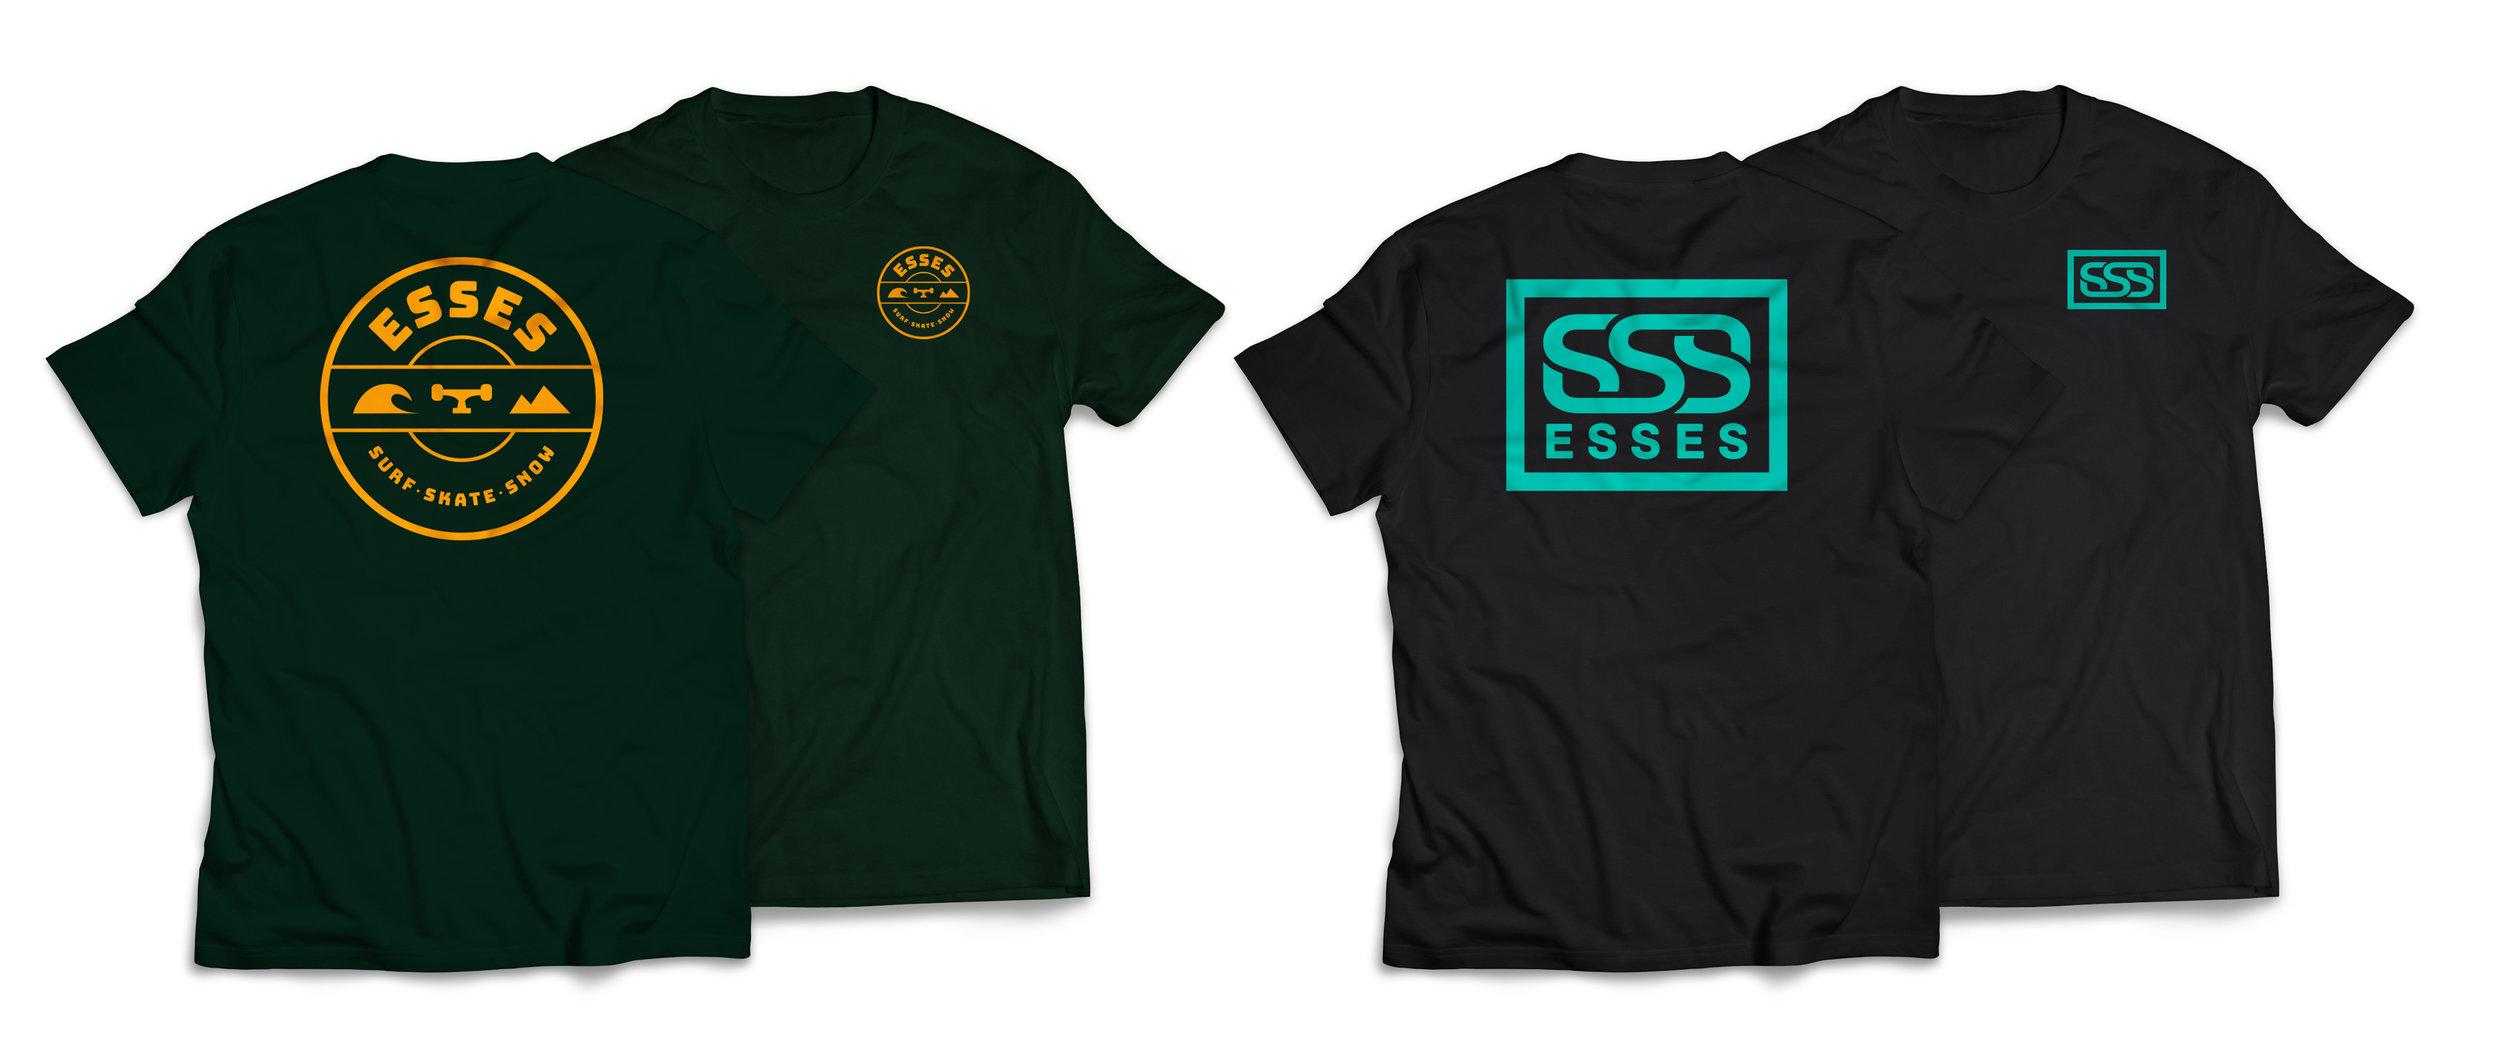 esses-shirts-3.jpg